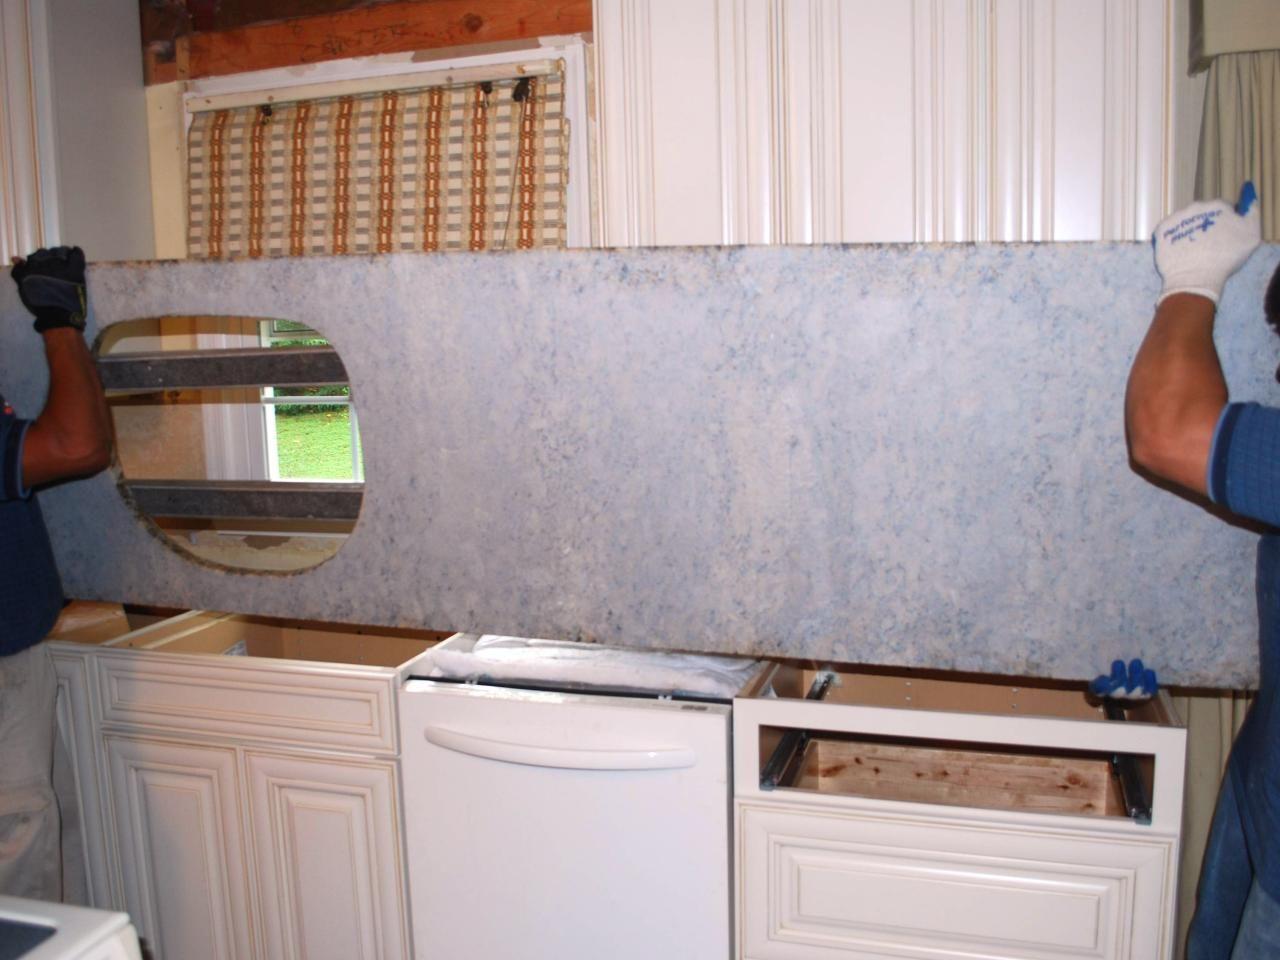 Kuche Mit Granit Arbeitsplatten Granit Arbeitsplatte Arbeitsplatte Arbeitsplatte Kuche